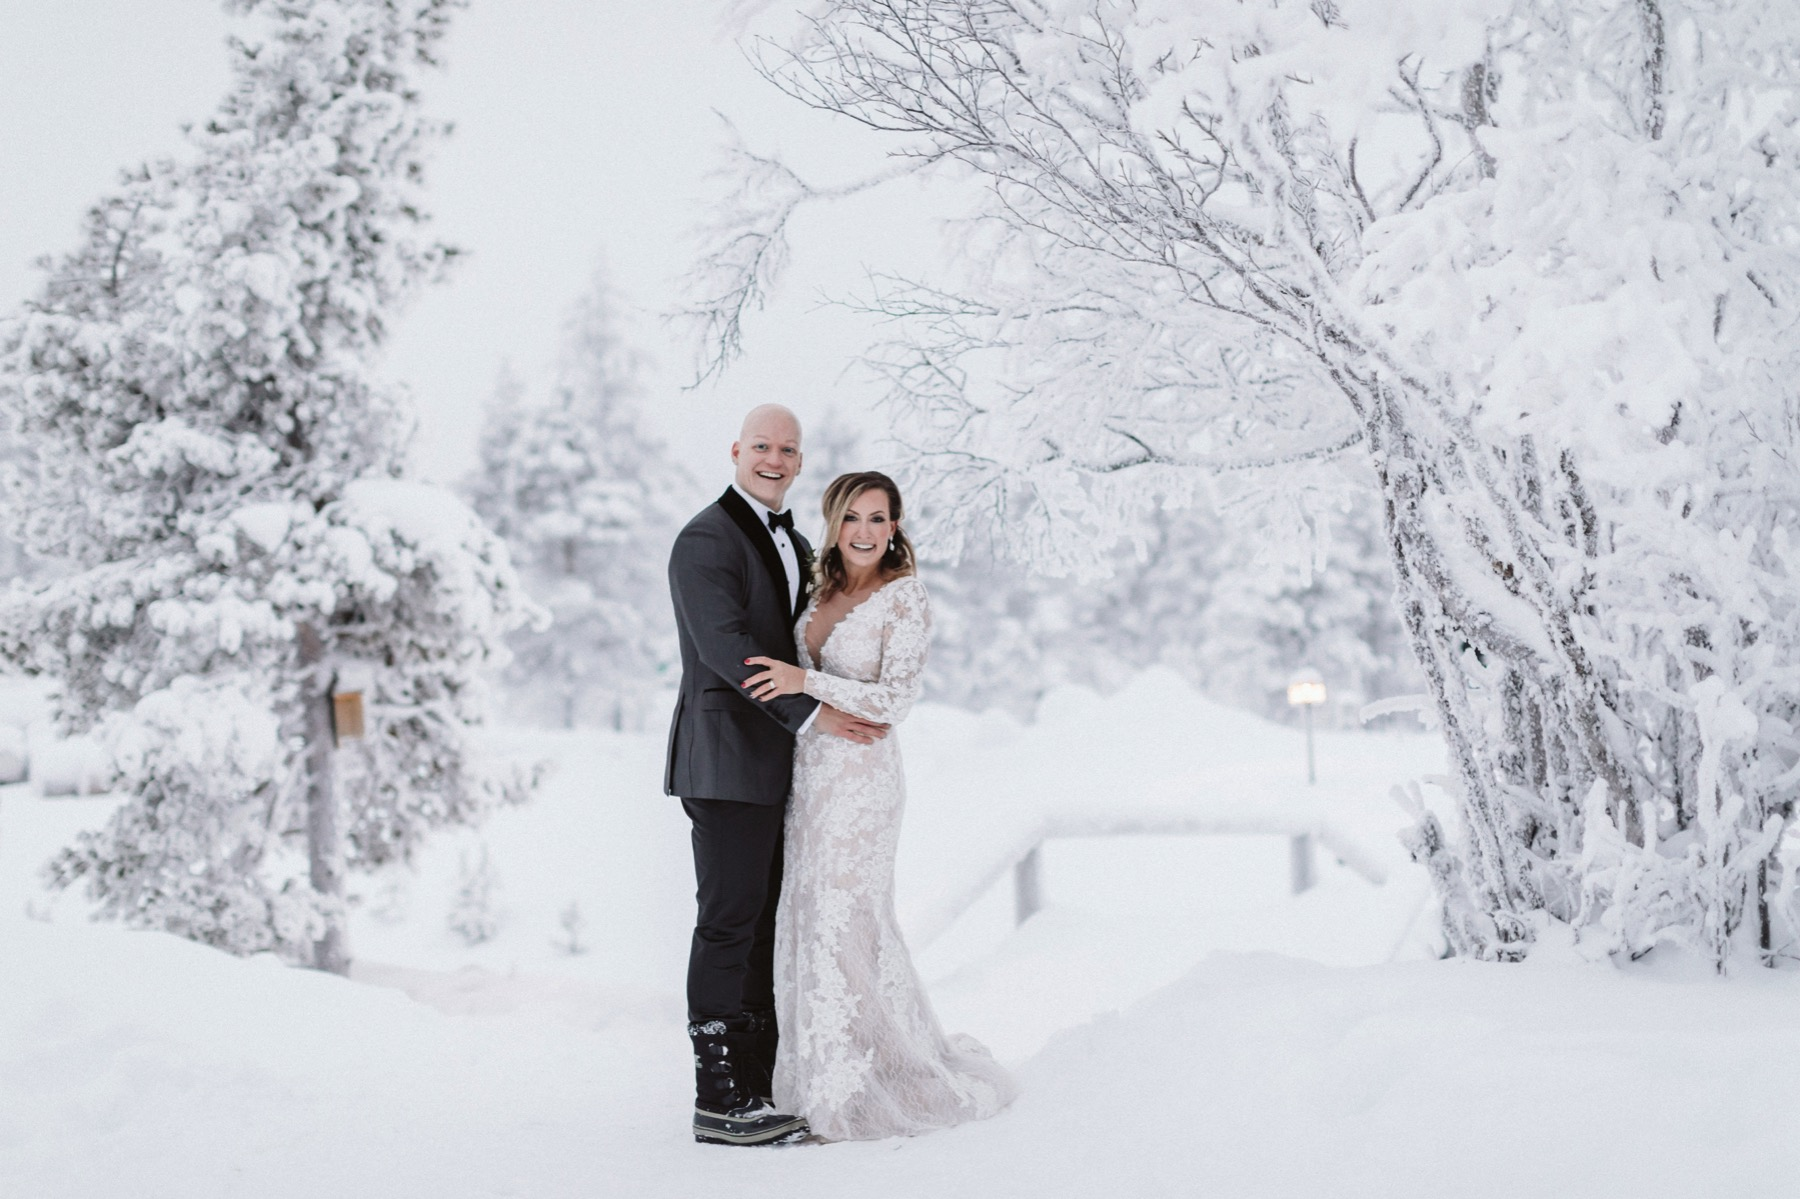 Lapland winter elopement